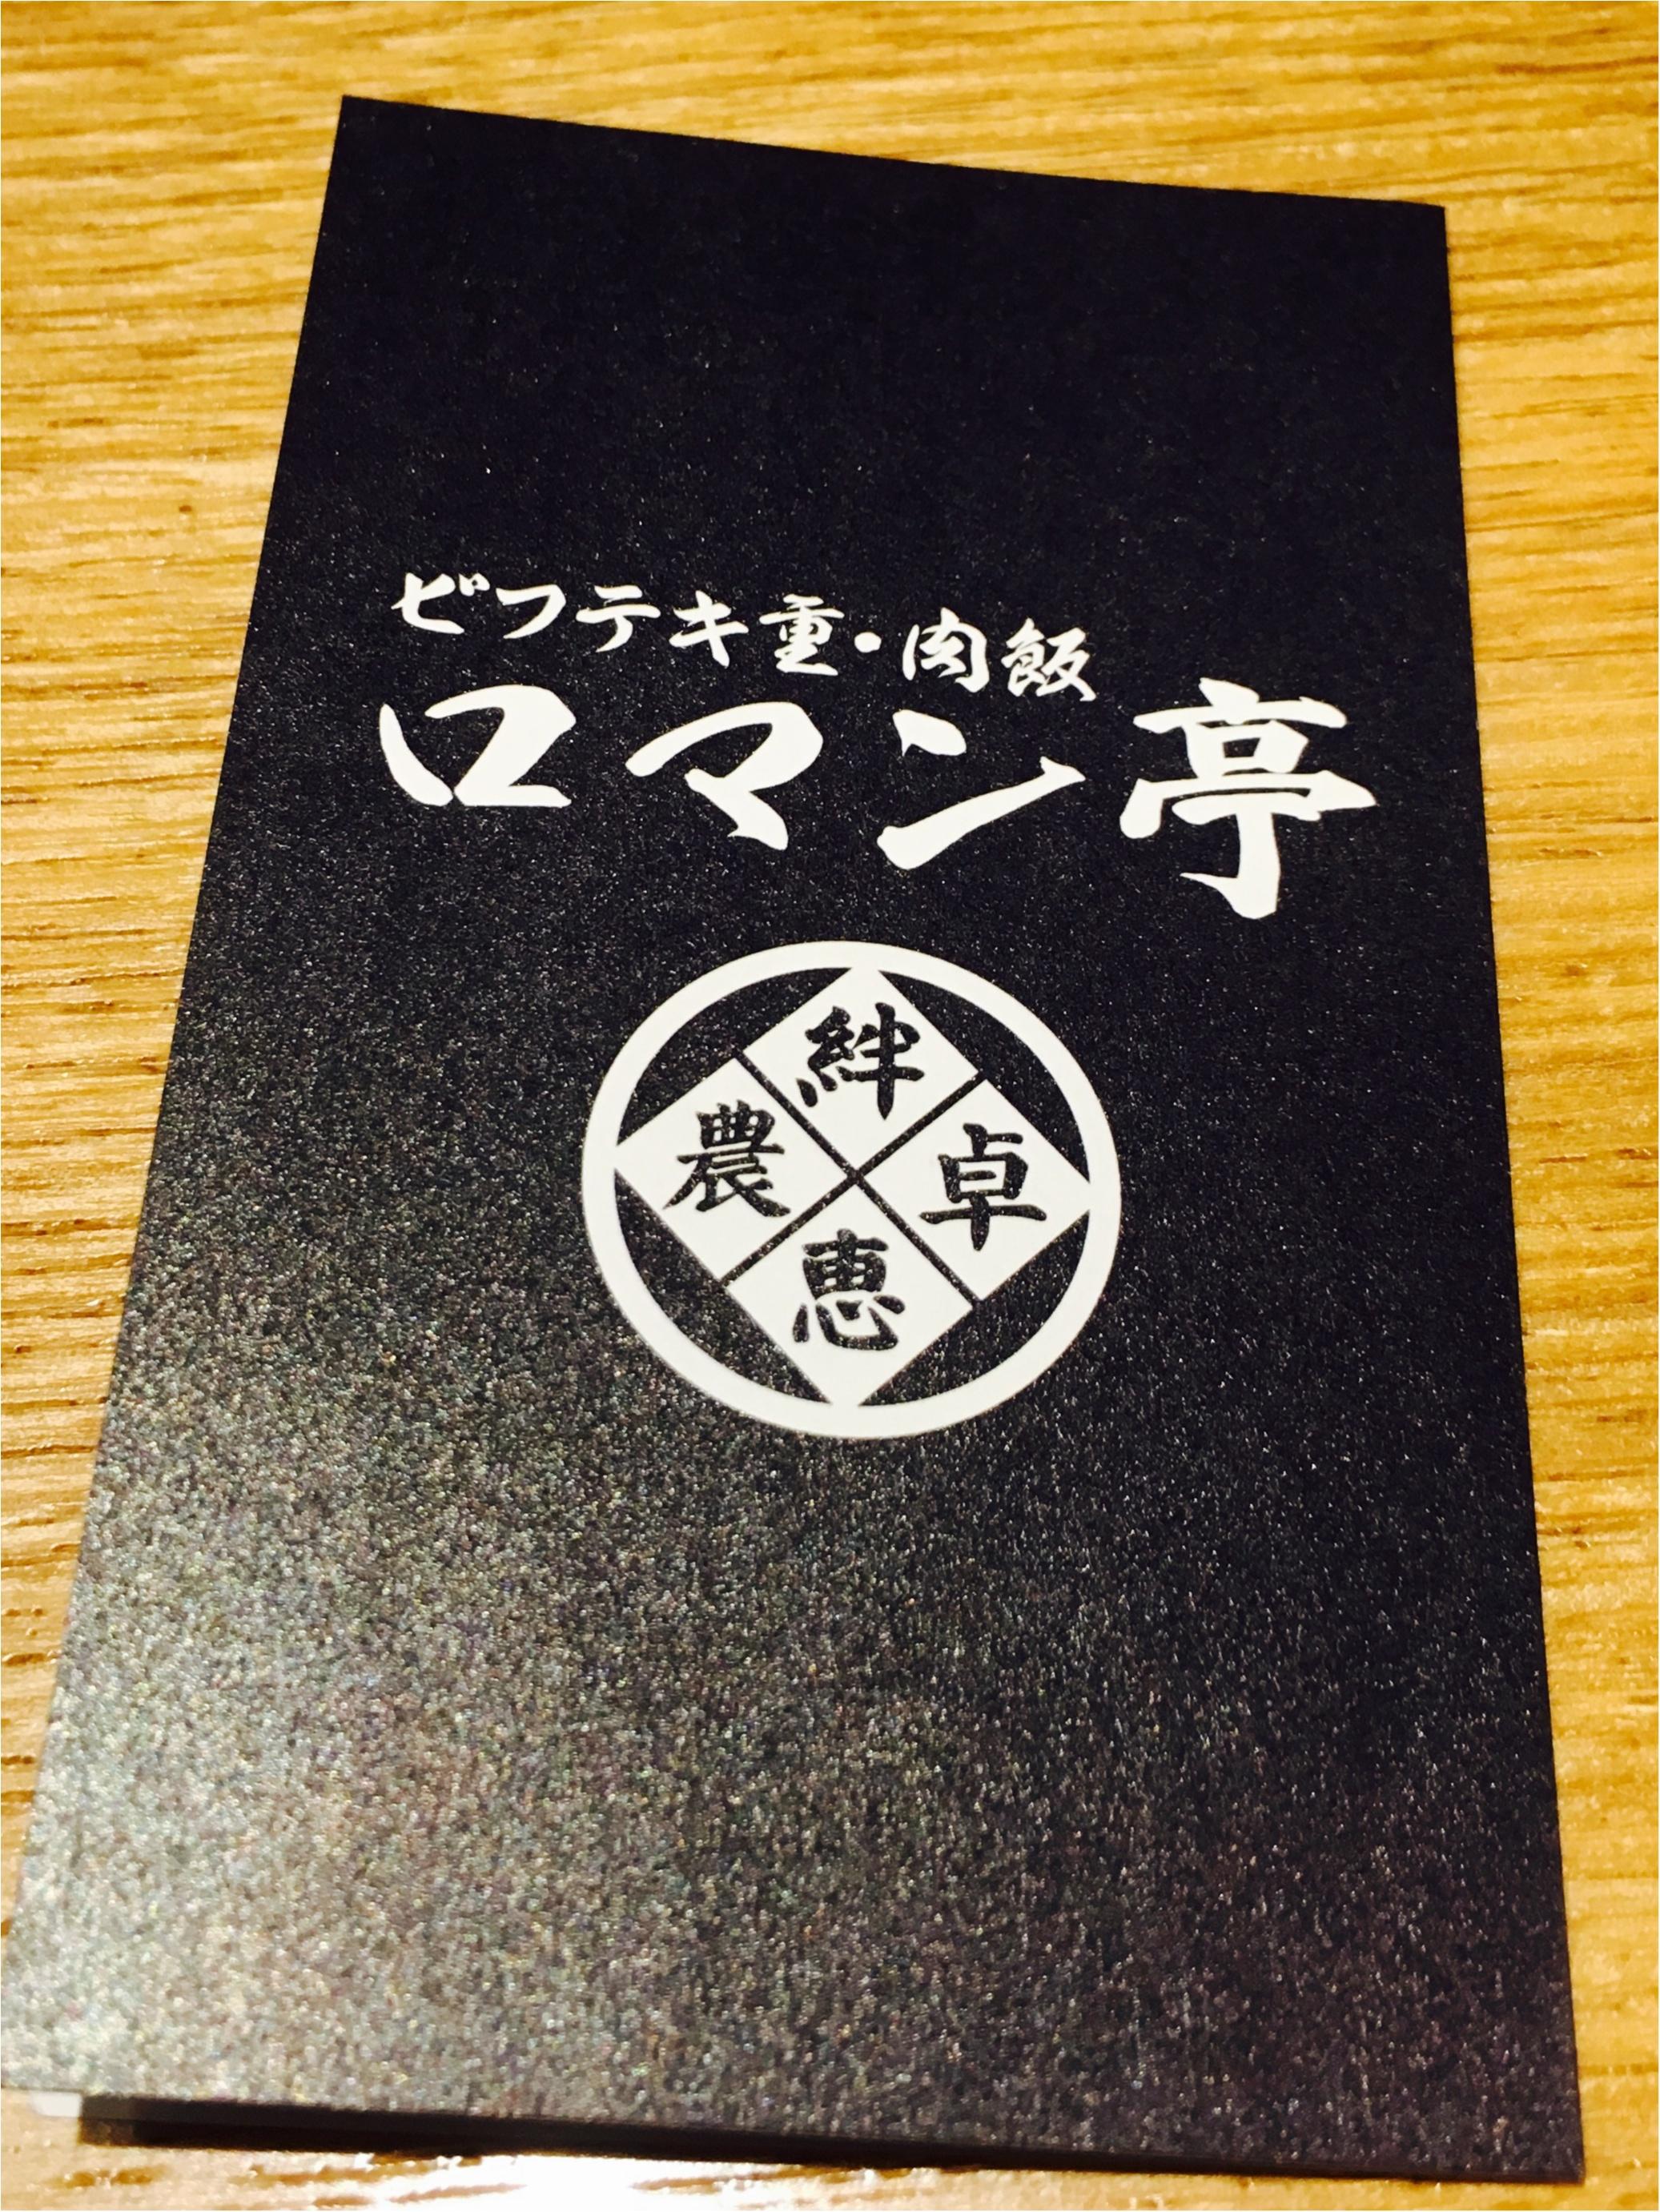 コスパ◎ロマン亭でビフテキ丼を食べてきました\(^o^)/_1